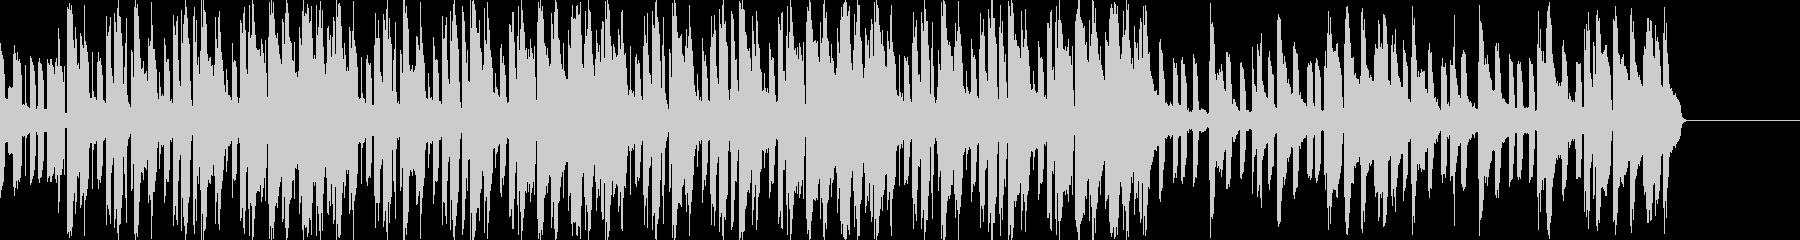 リラックス、スウィートな雰囲気のBGMの未再生の波形